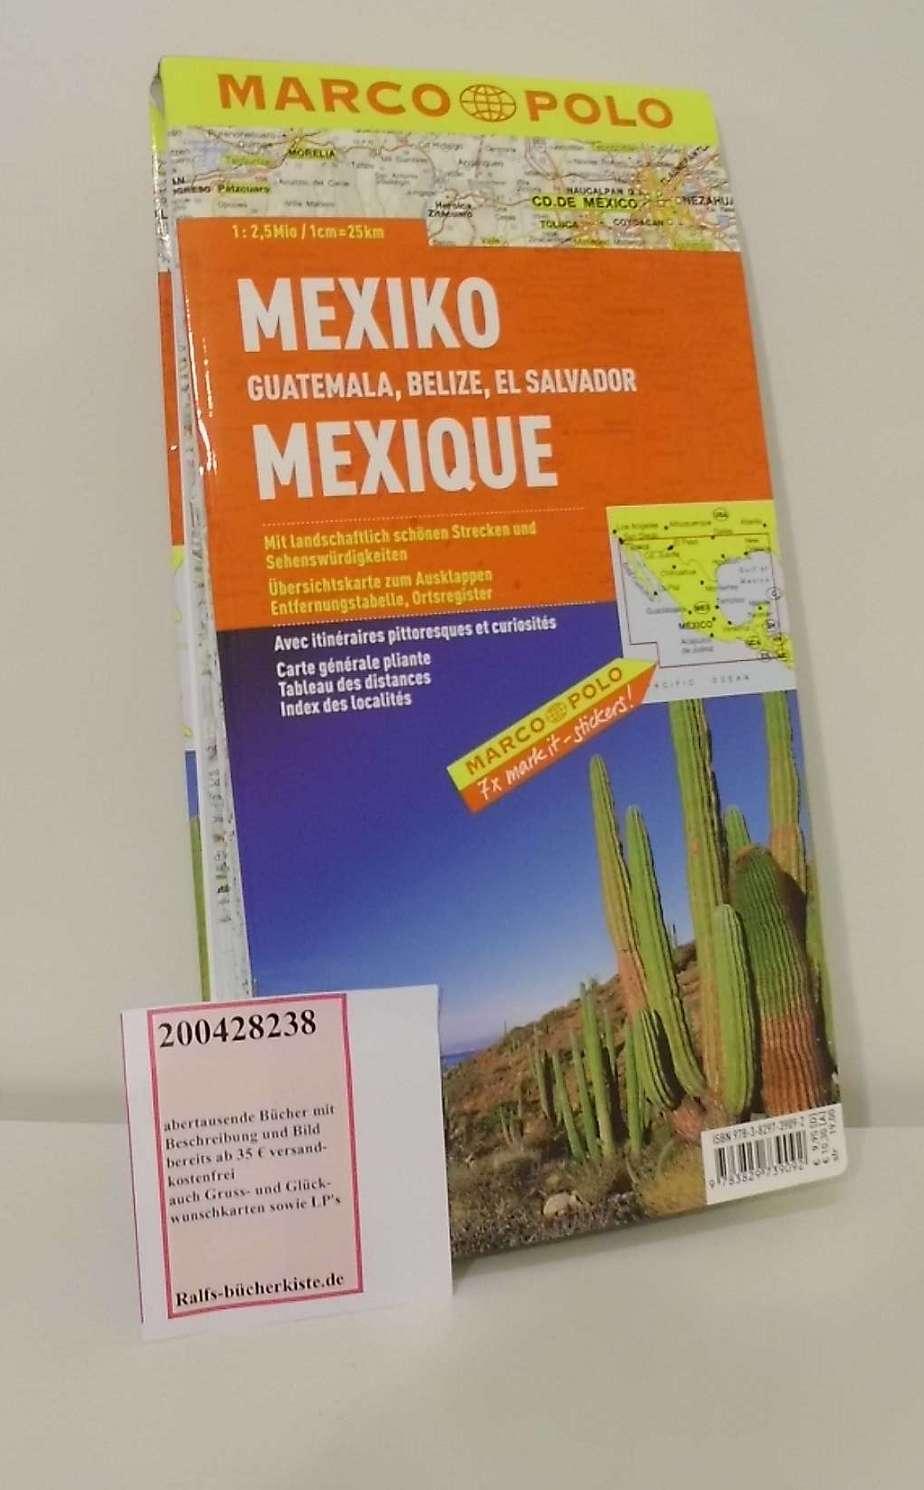 MARCO POLO Kontinentalkarte Mexiko, Guatemala, Belize, El Salvador 1:2,5 Mio. (MARCO POLO Kontinental /Länderkarten)